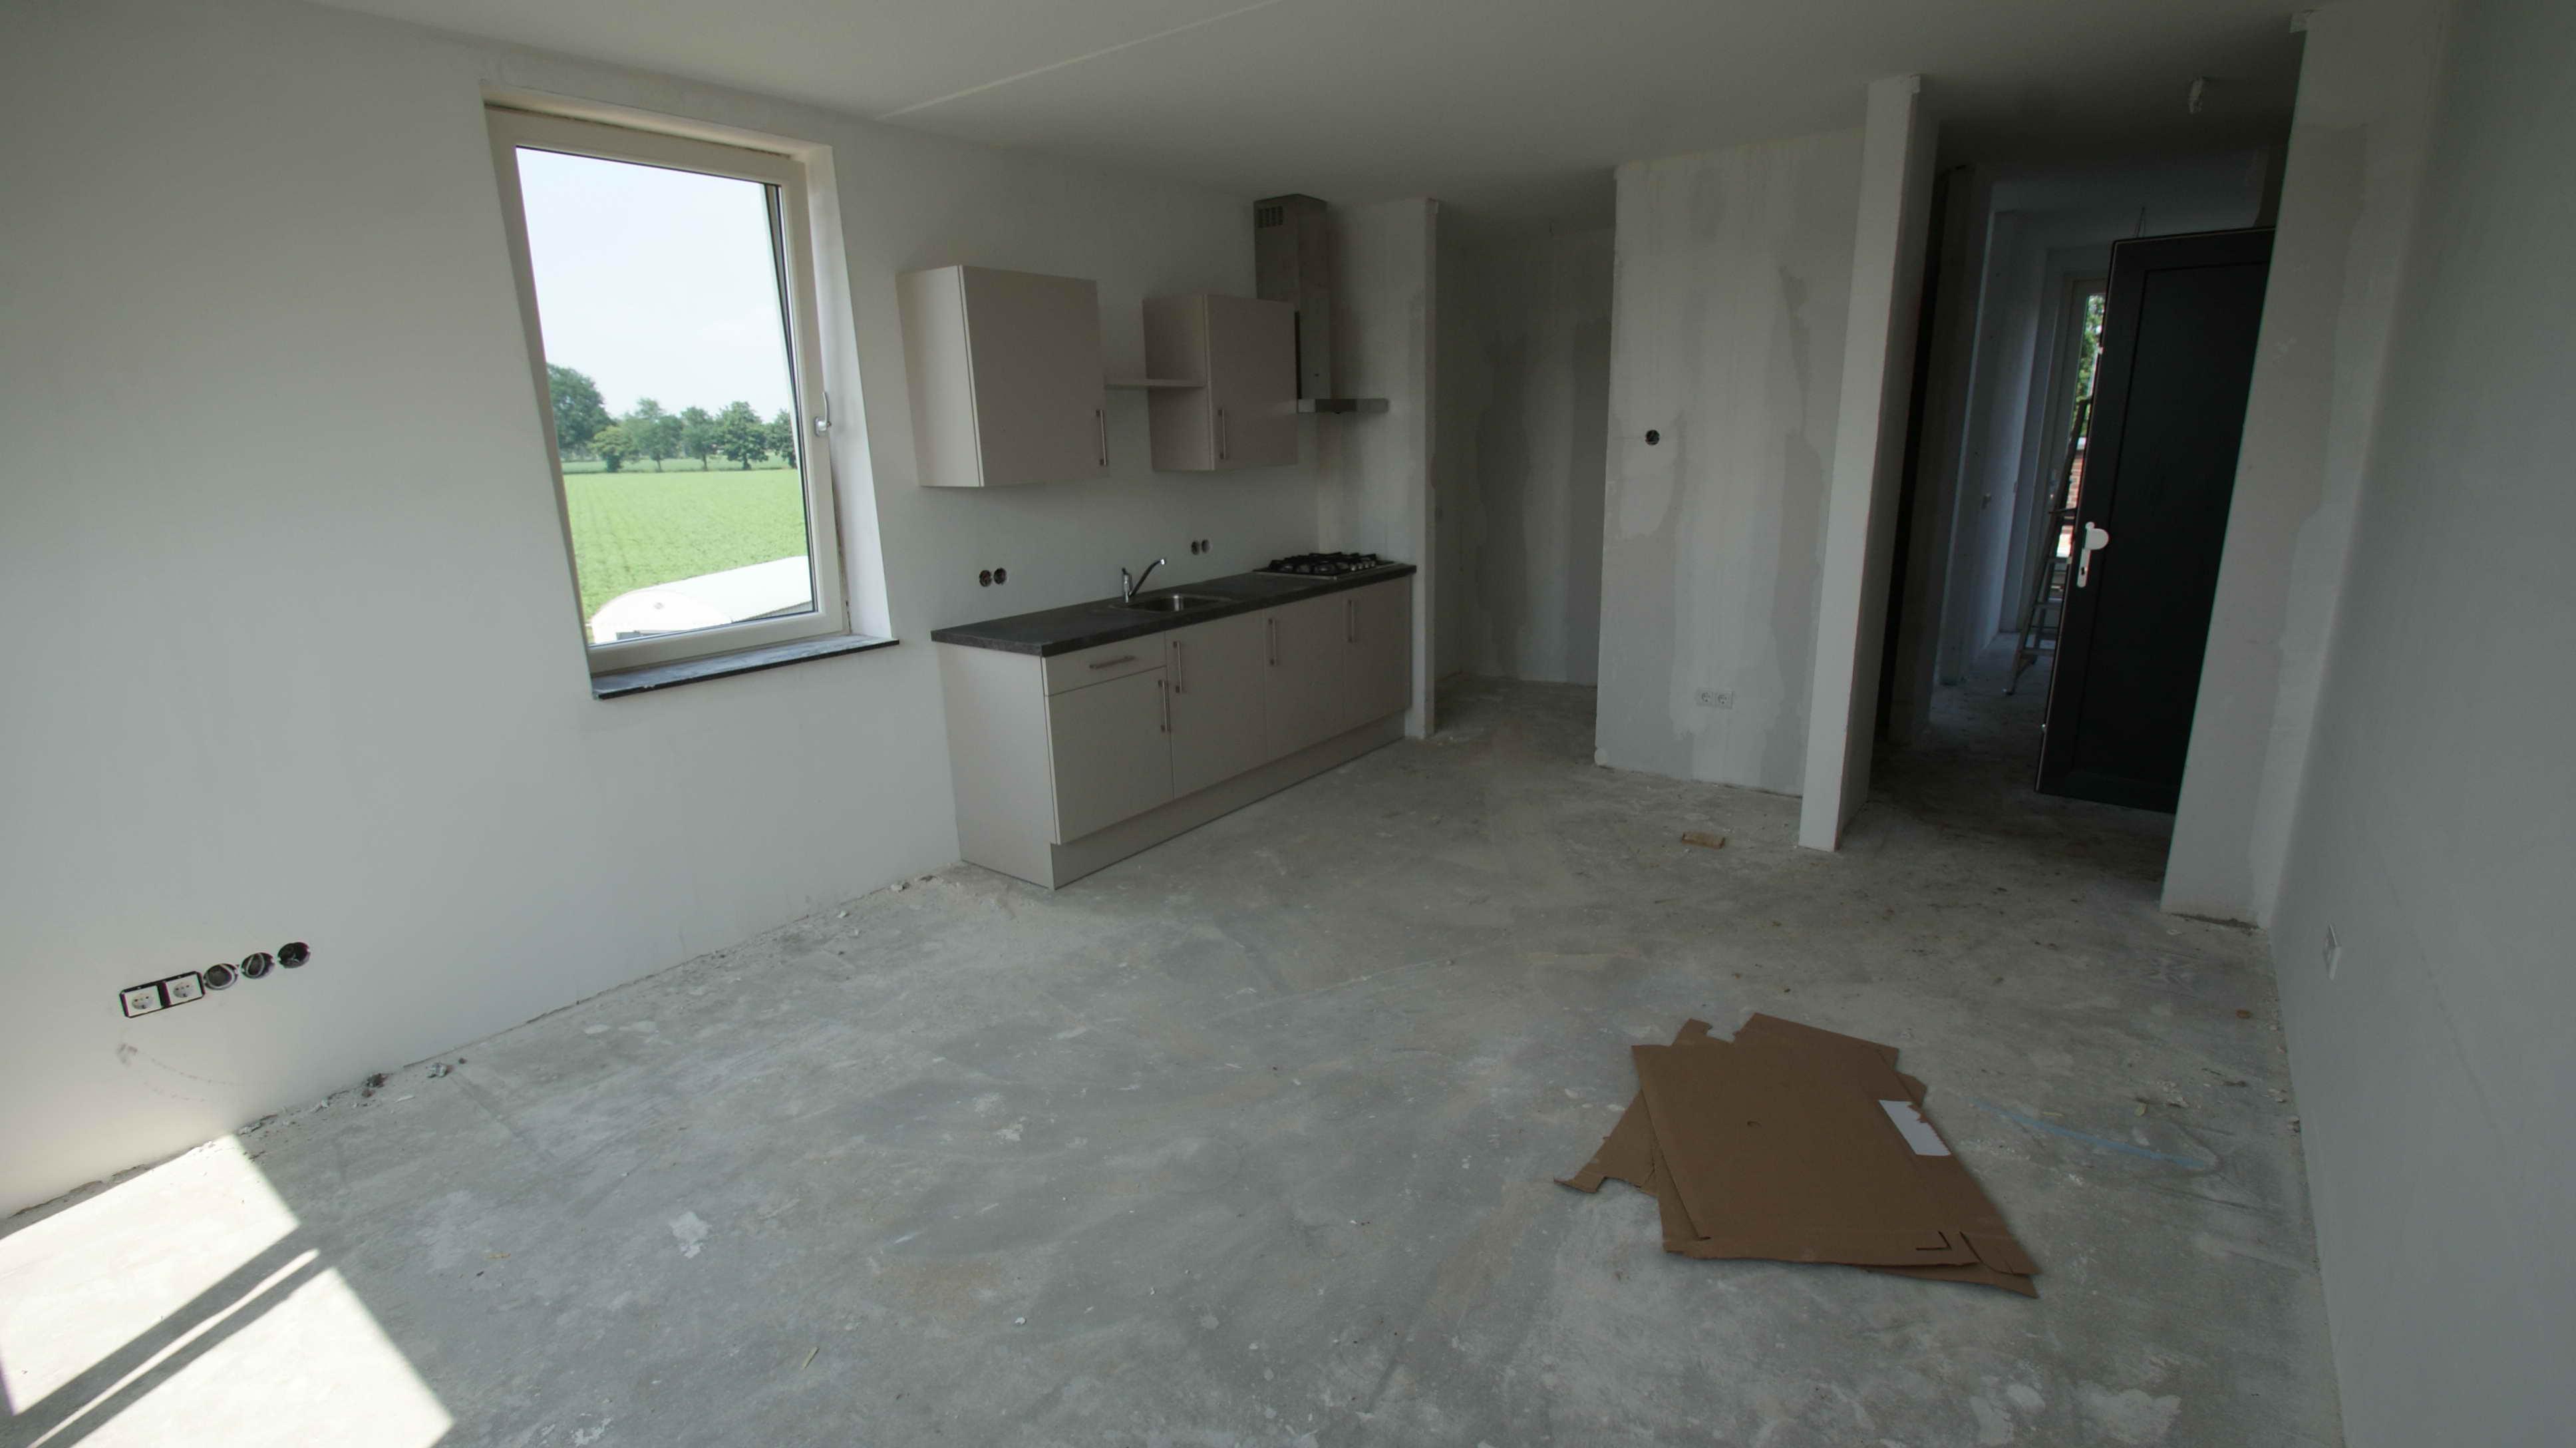 Gemar Keukens Milsbeek : Huurappartementen te heide de keukens zijn geplaatst en tegels